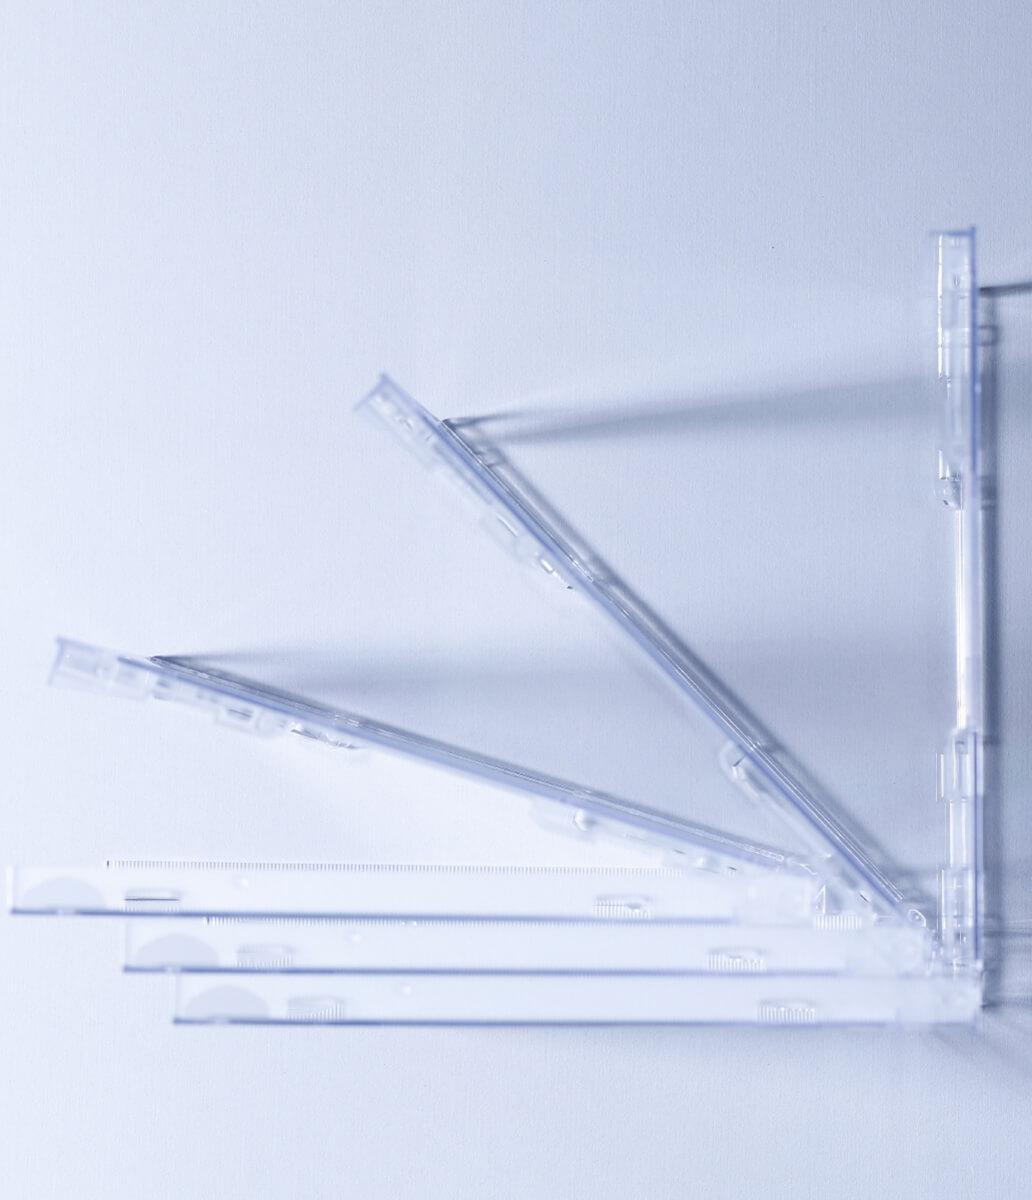 PLASTIC IS 空気のように軽くしなやかに動く。